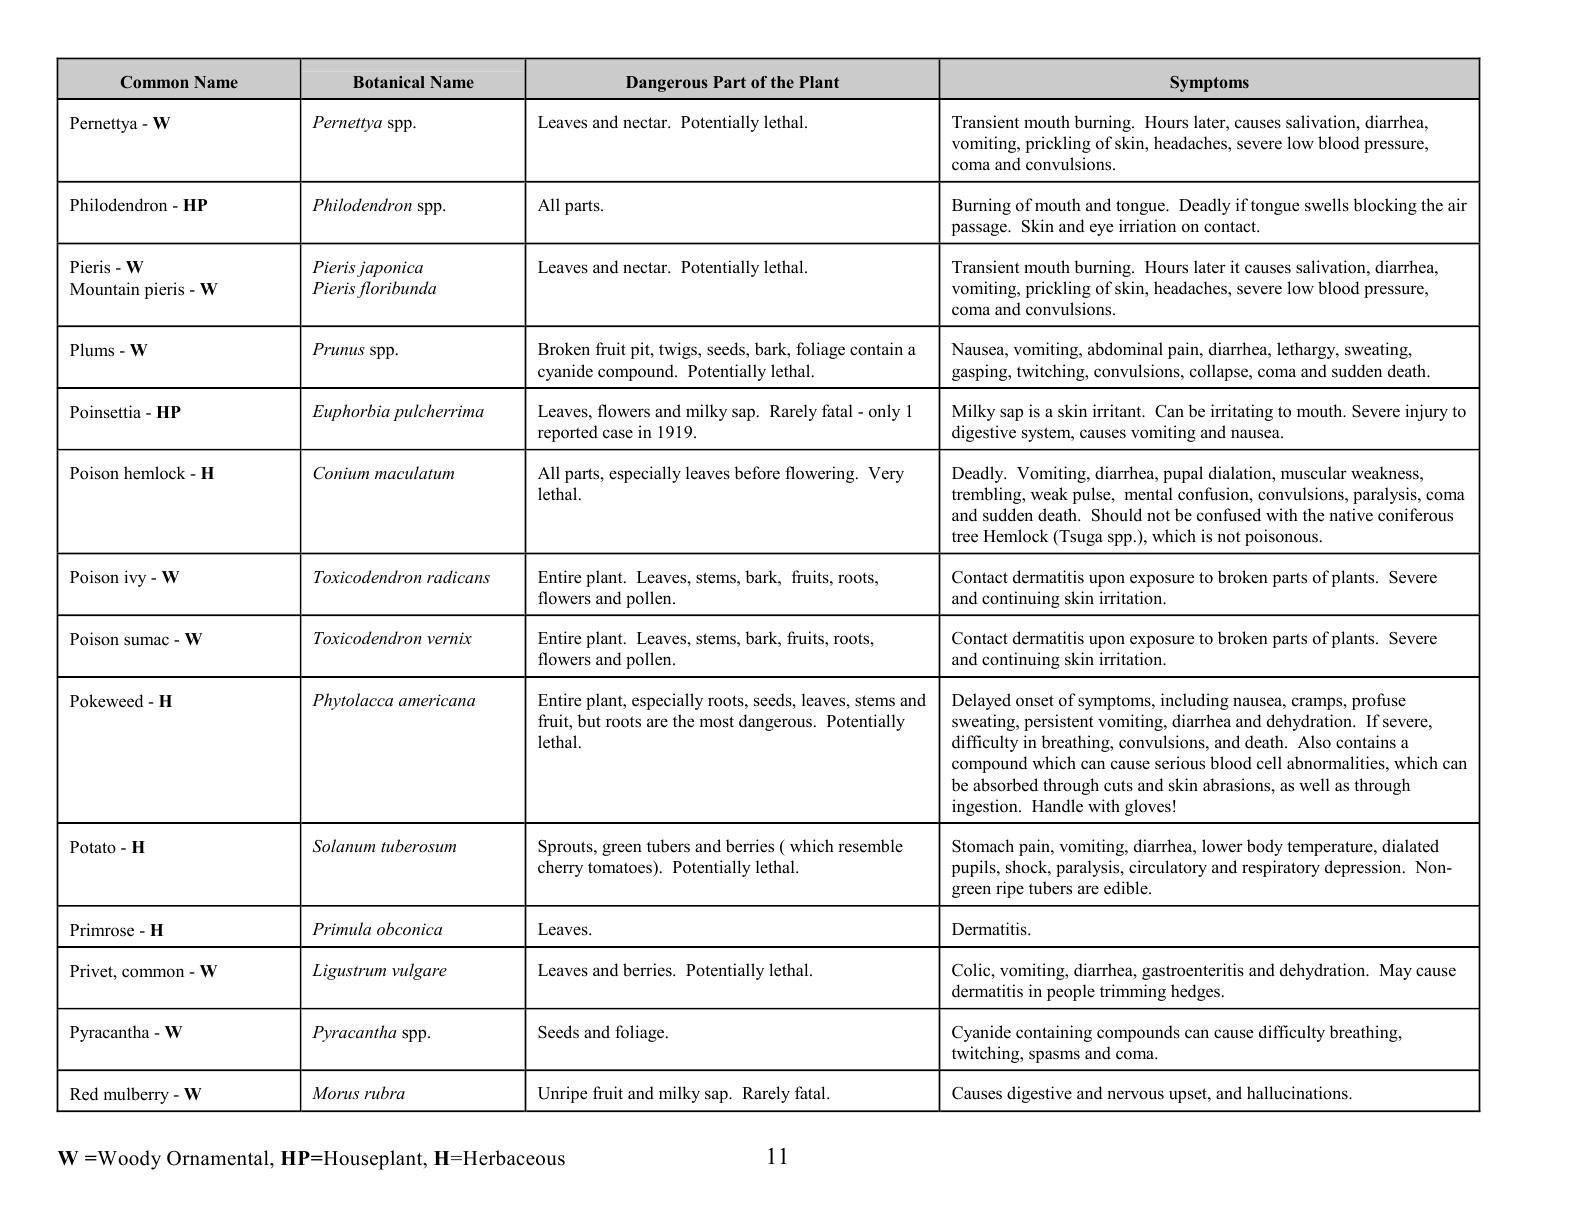 oc0417_revisedpoisonousplants11